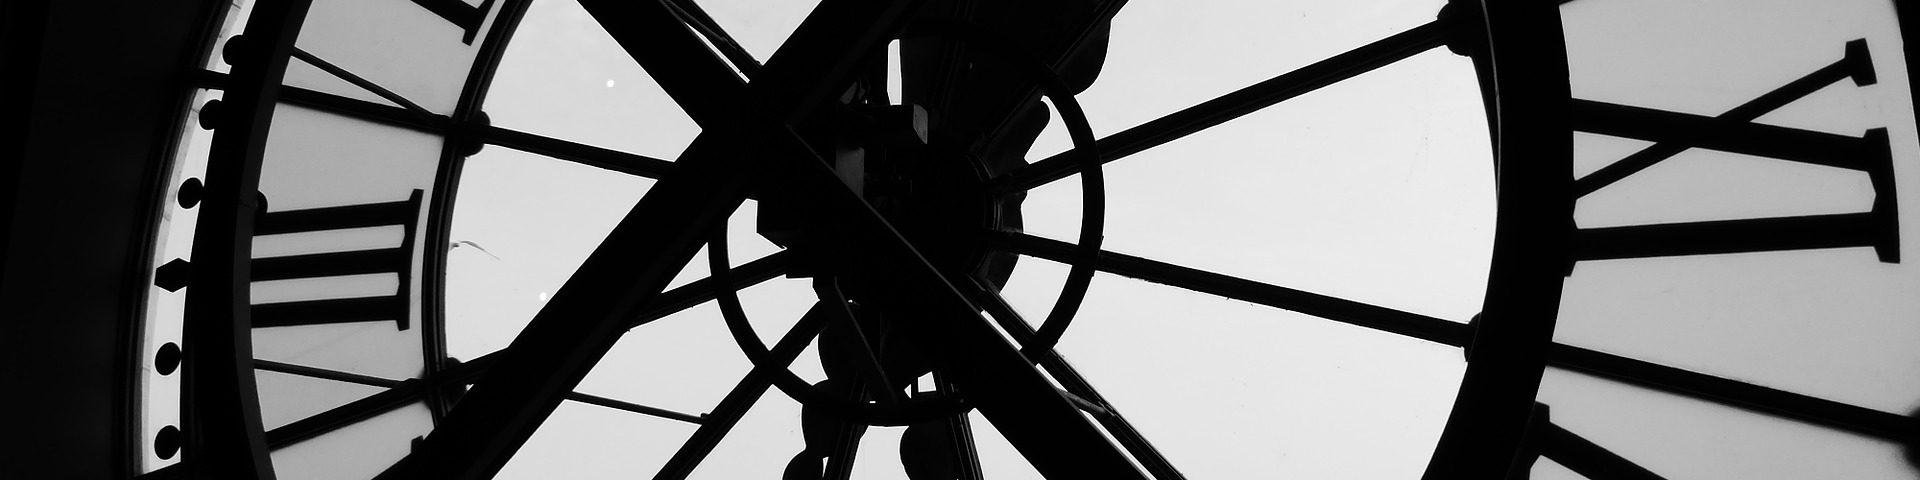 Eine große Turmuhr von innen: Römische Zahlen strahlen eine ansehnliche Eleganz und Zeitlosigkeit aus.